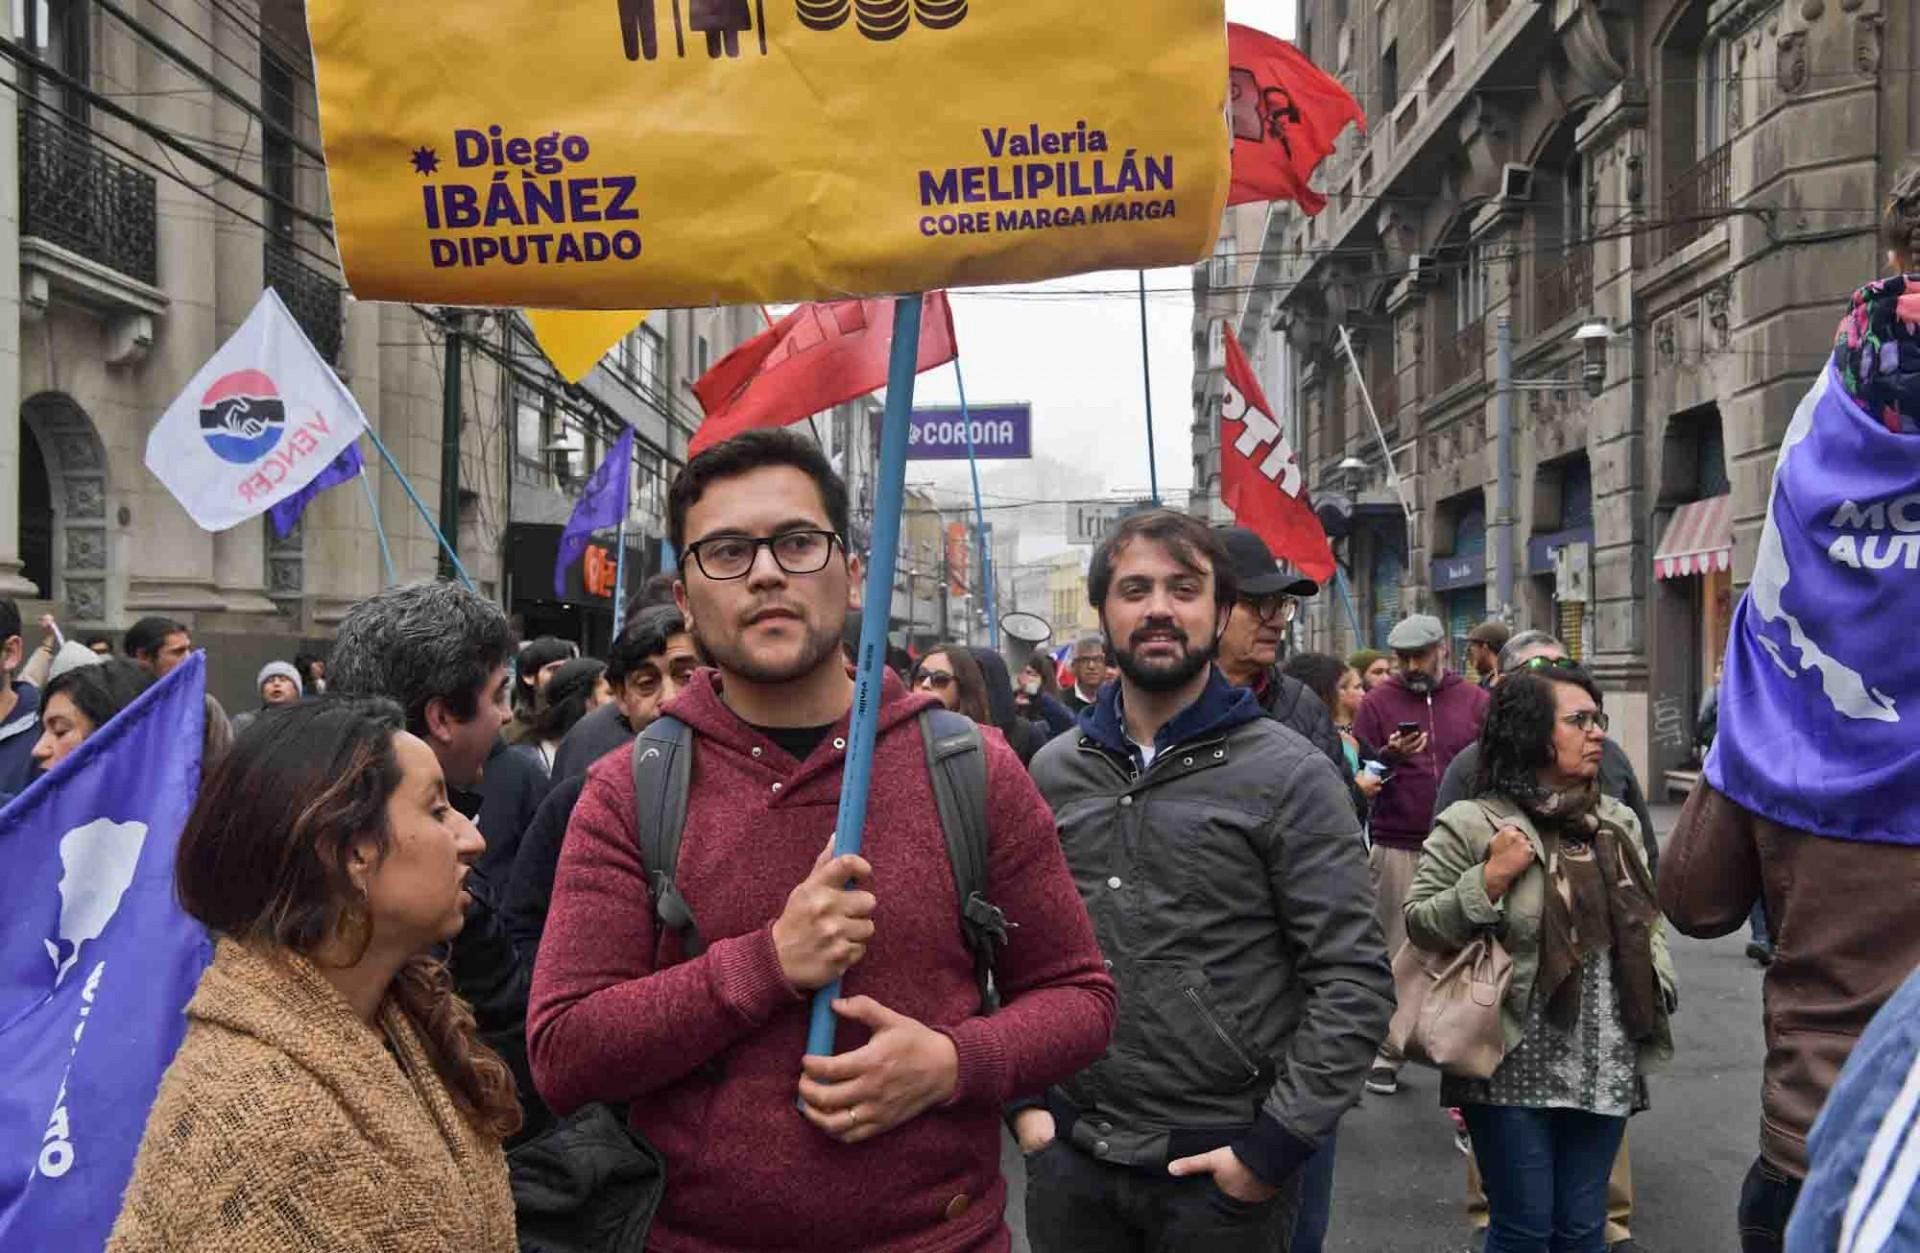 El alcalde Jorge Sharp se hizo presente otra vez en esta manifestación contra el sistema de pensiones chileno.